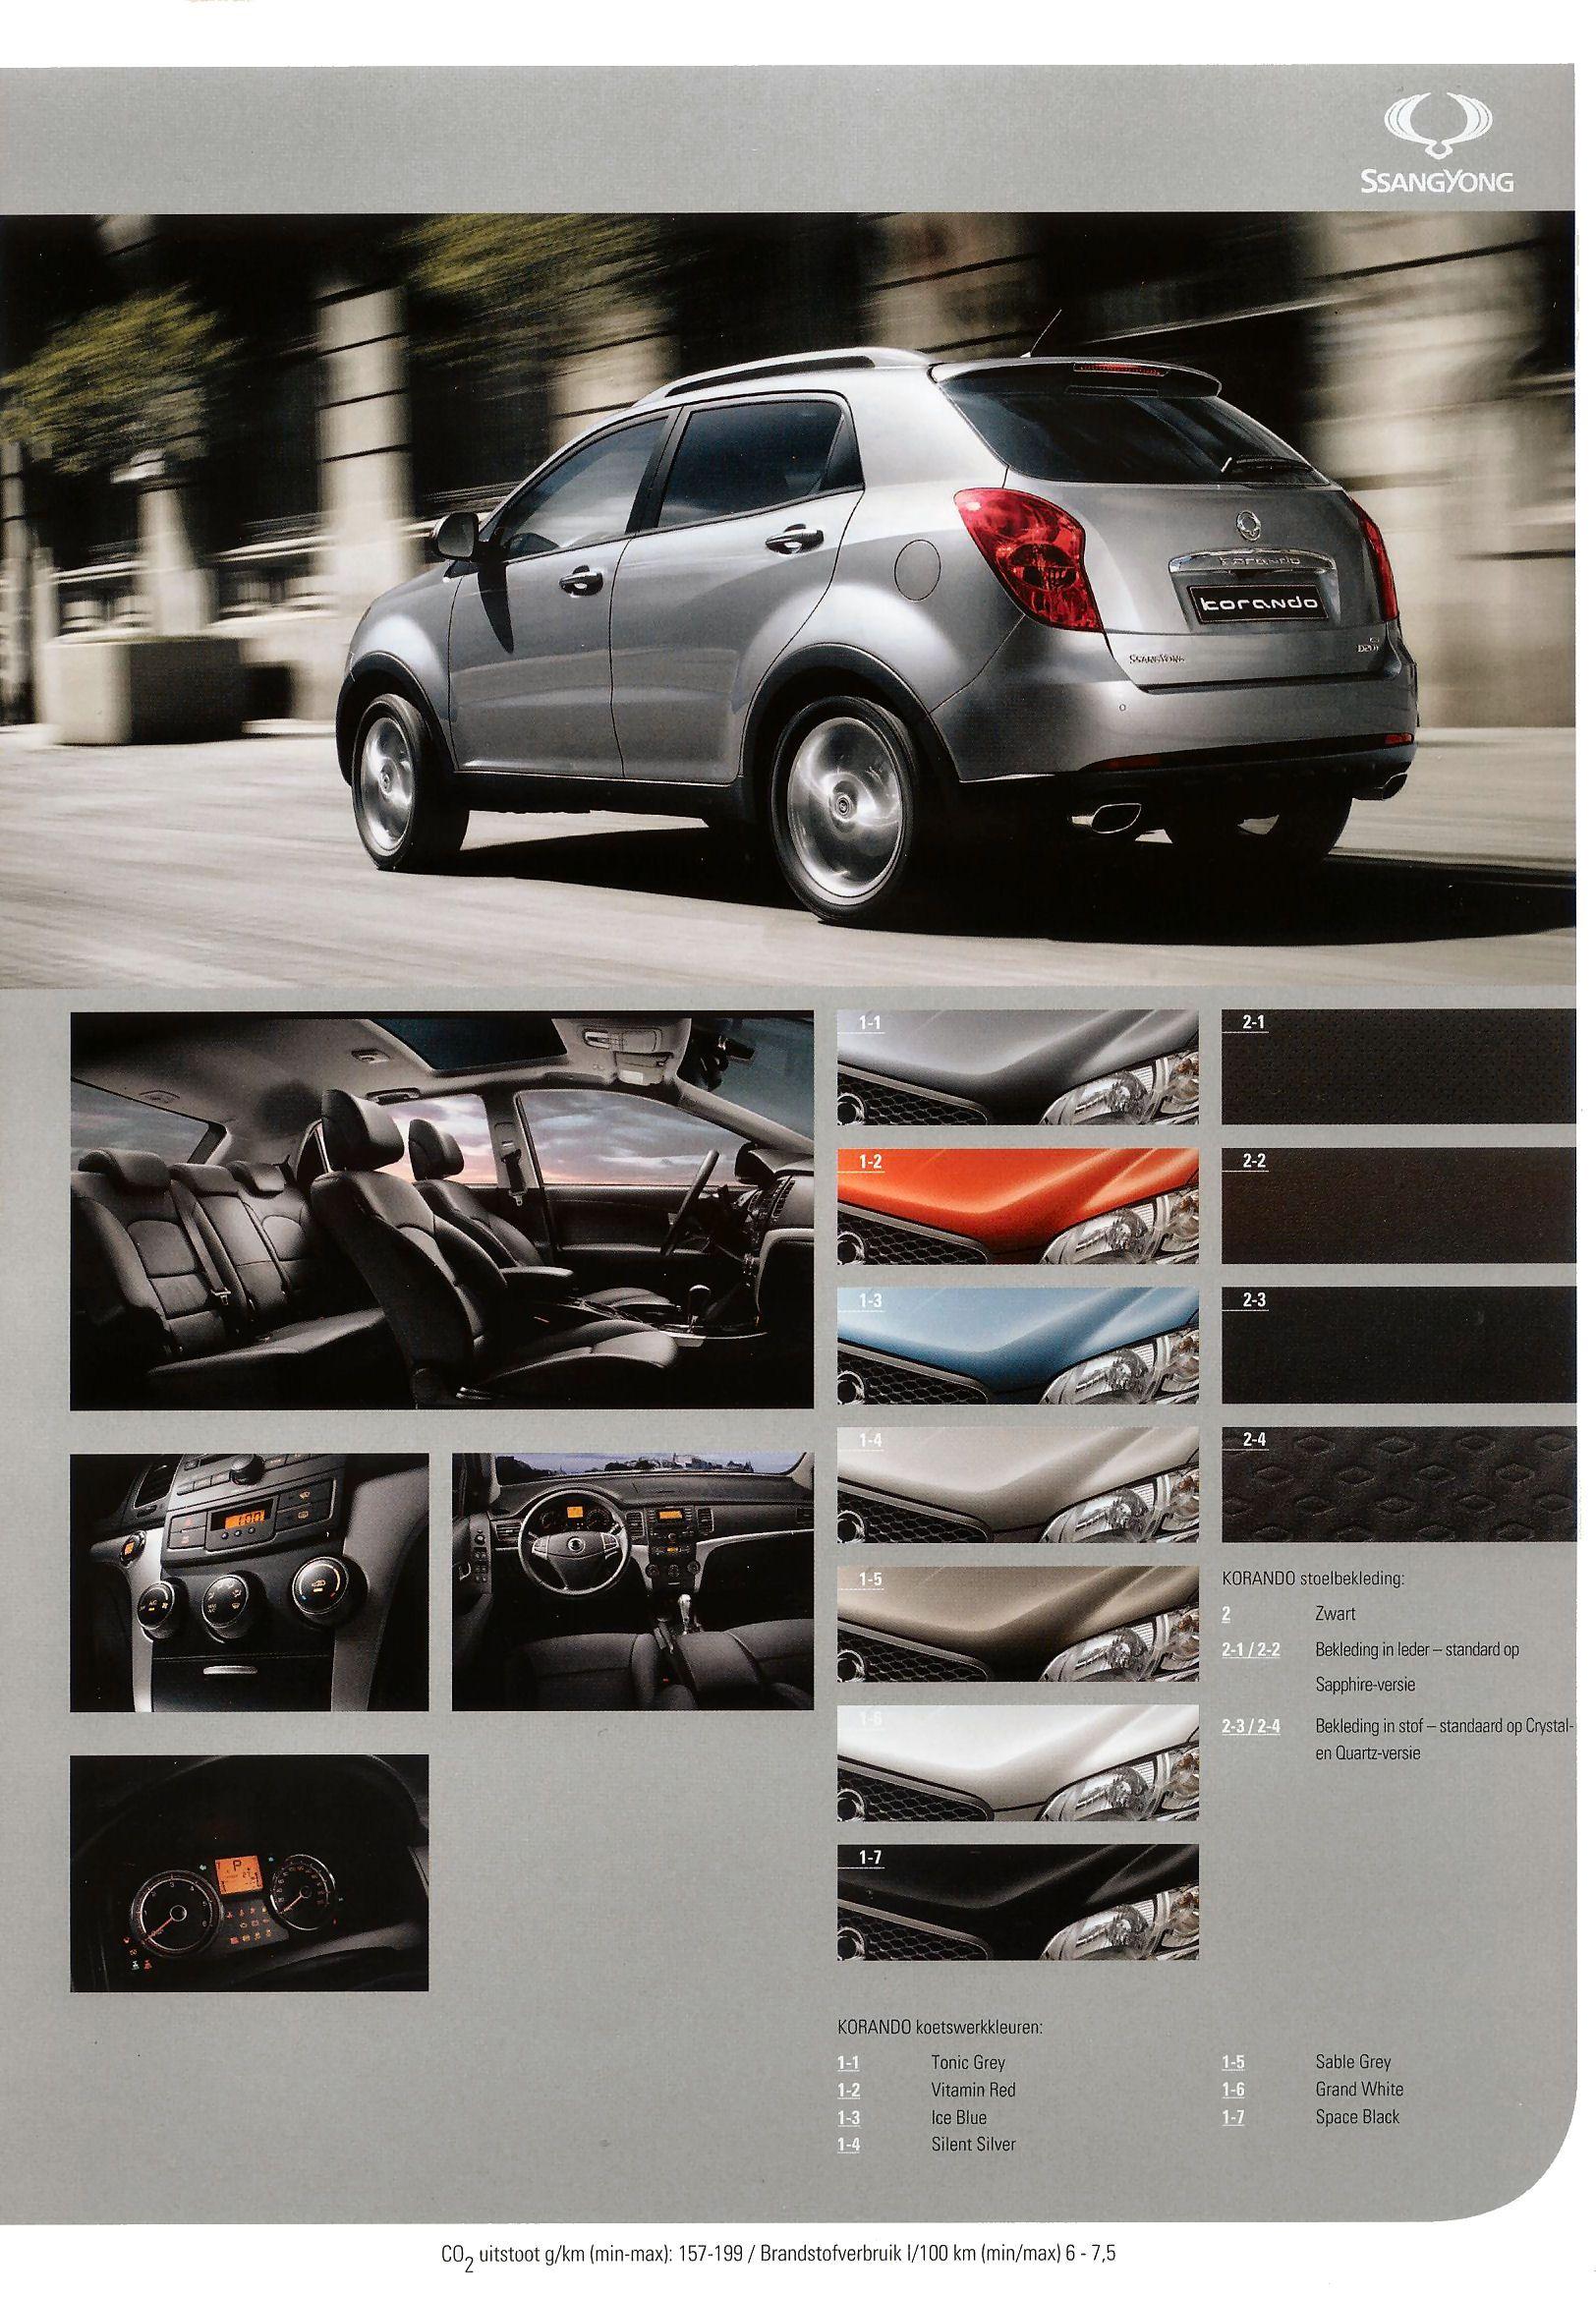 2004 Smart Roadster brochure